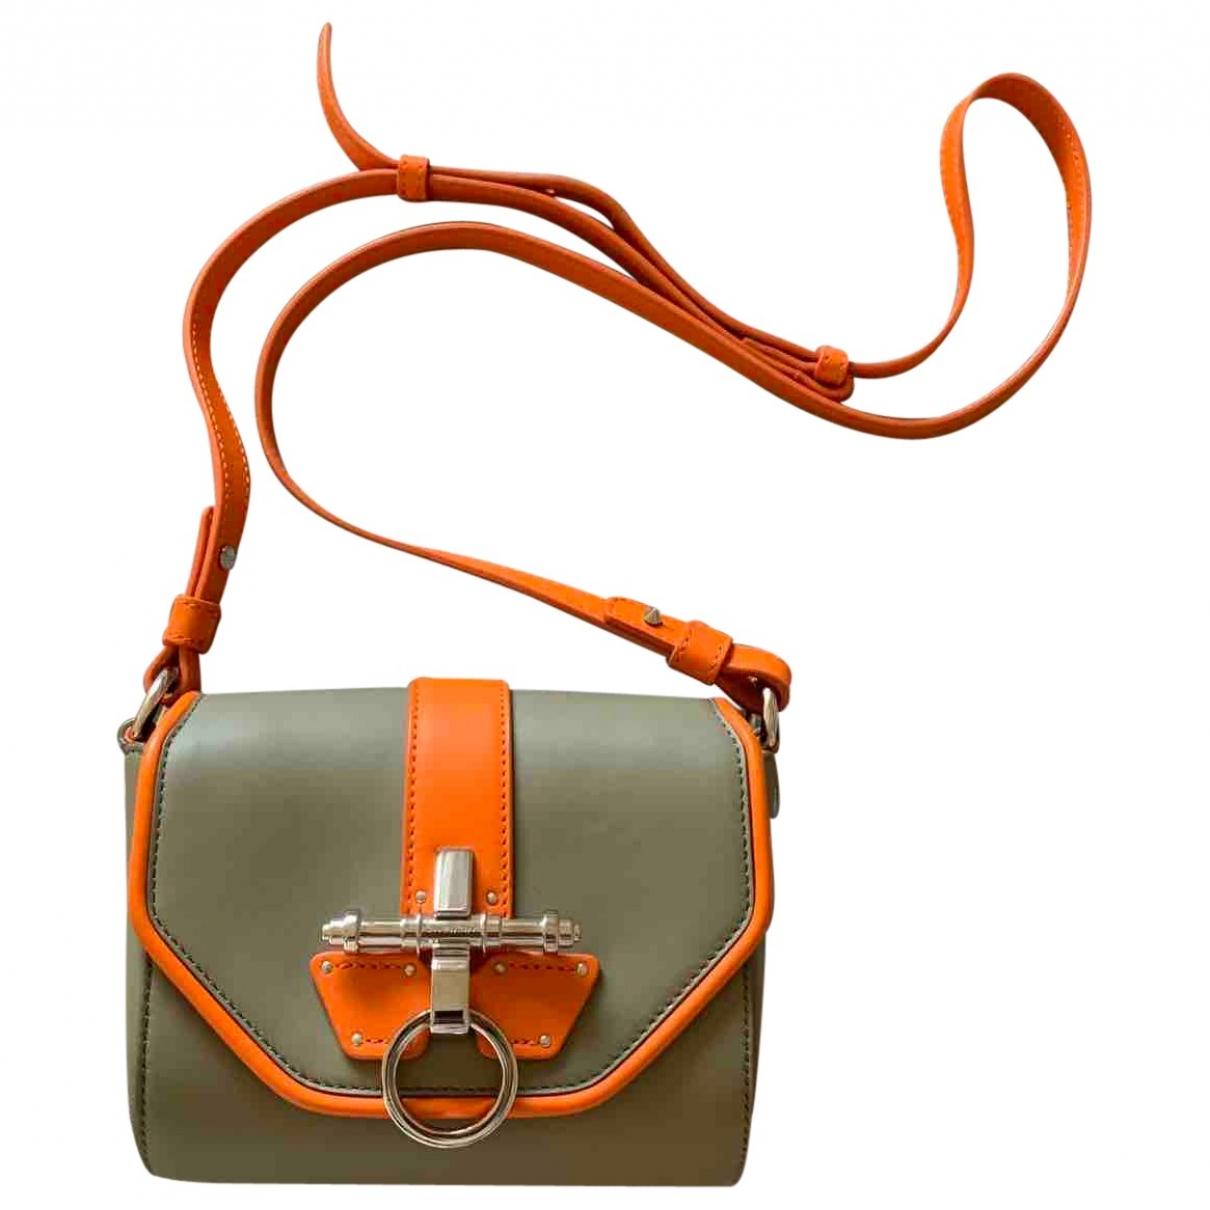 Givenchy - Sac a main Obsedia pour femme en cuir - vert